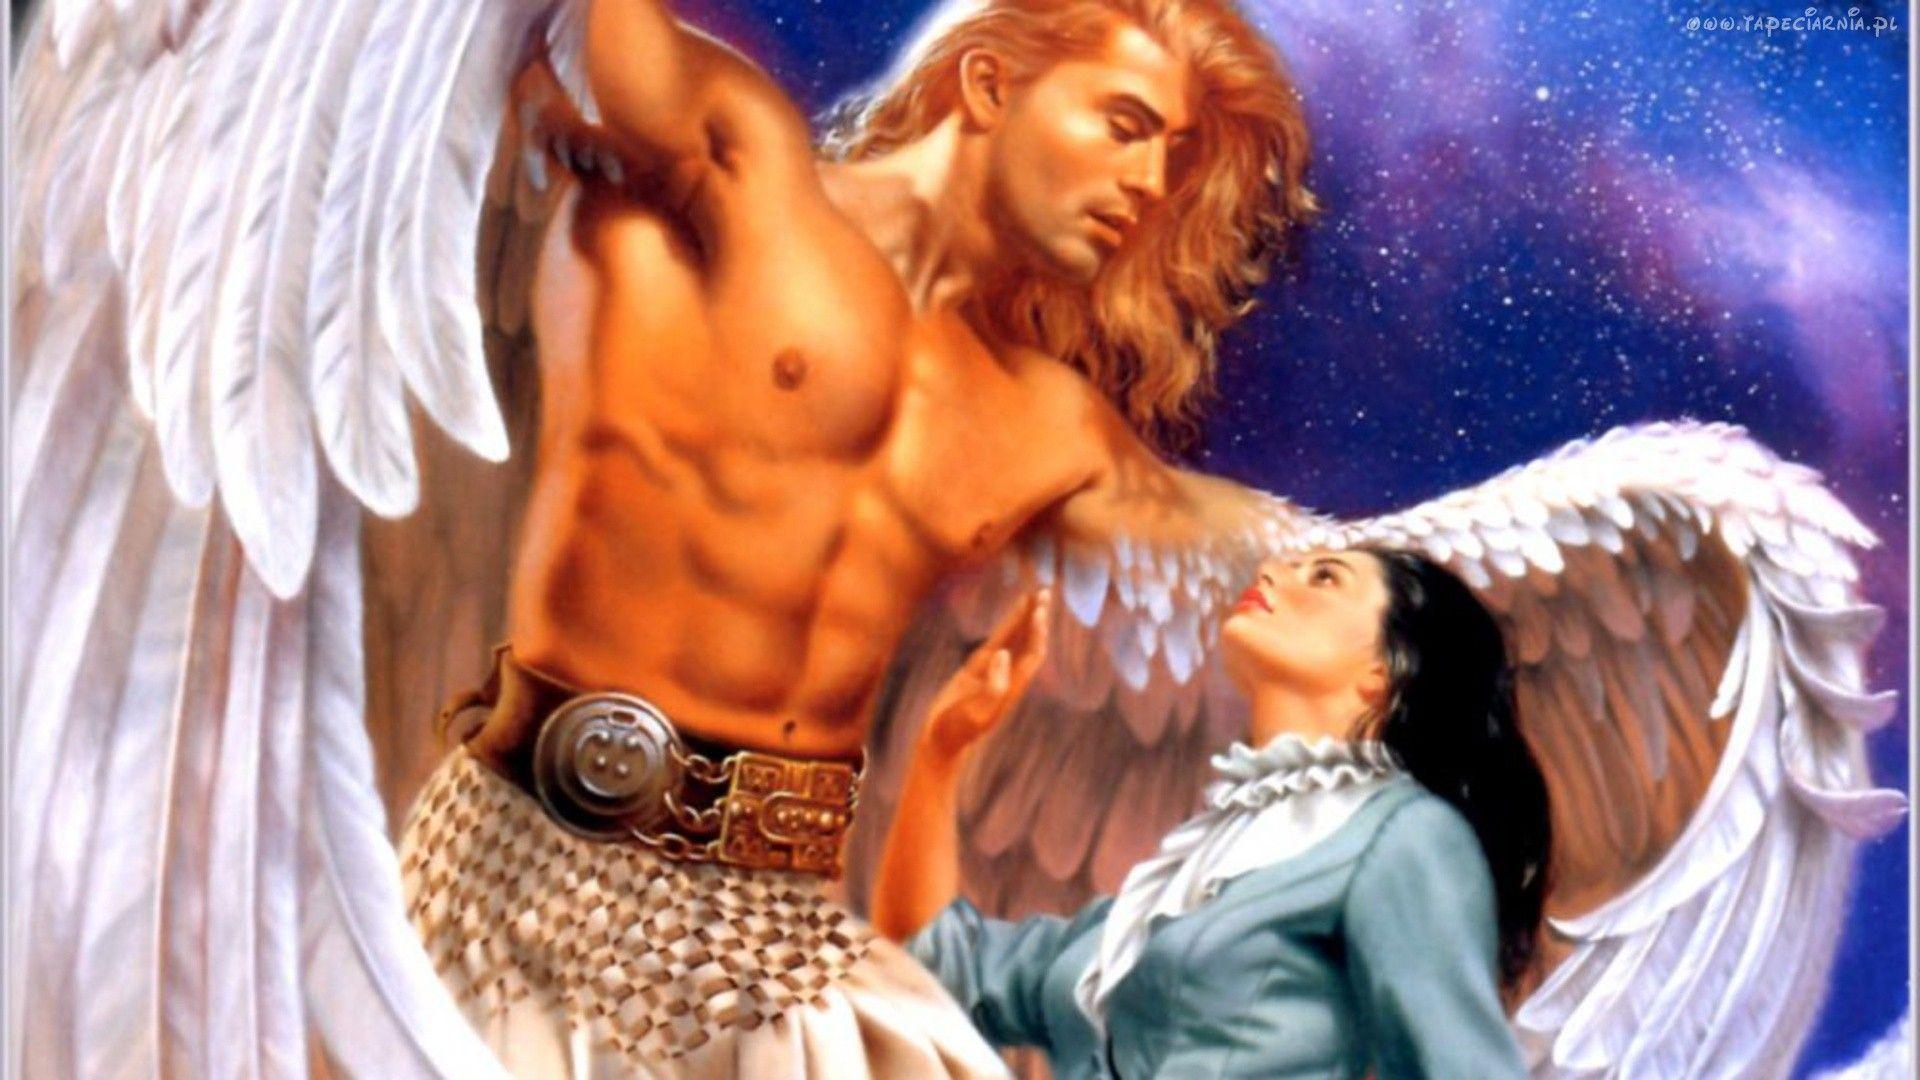 Mężczyzna Anioł Kobieta Niebo Male Angels Male Angel Angel